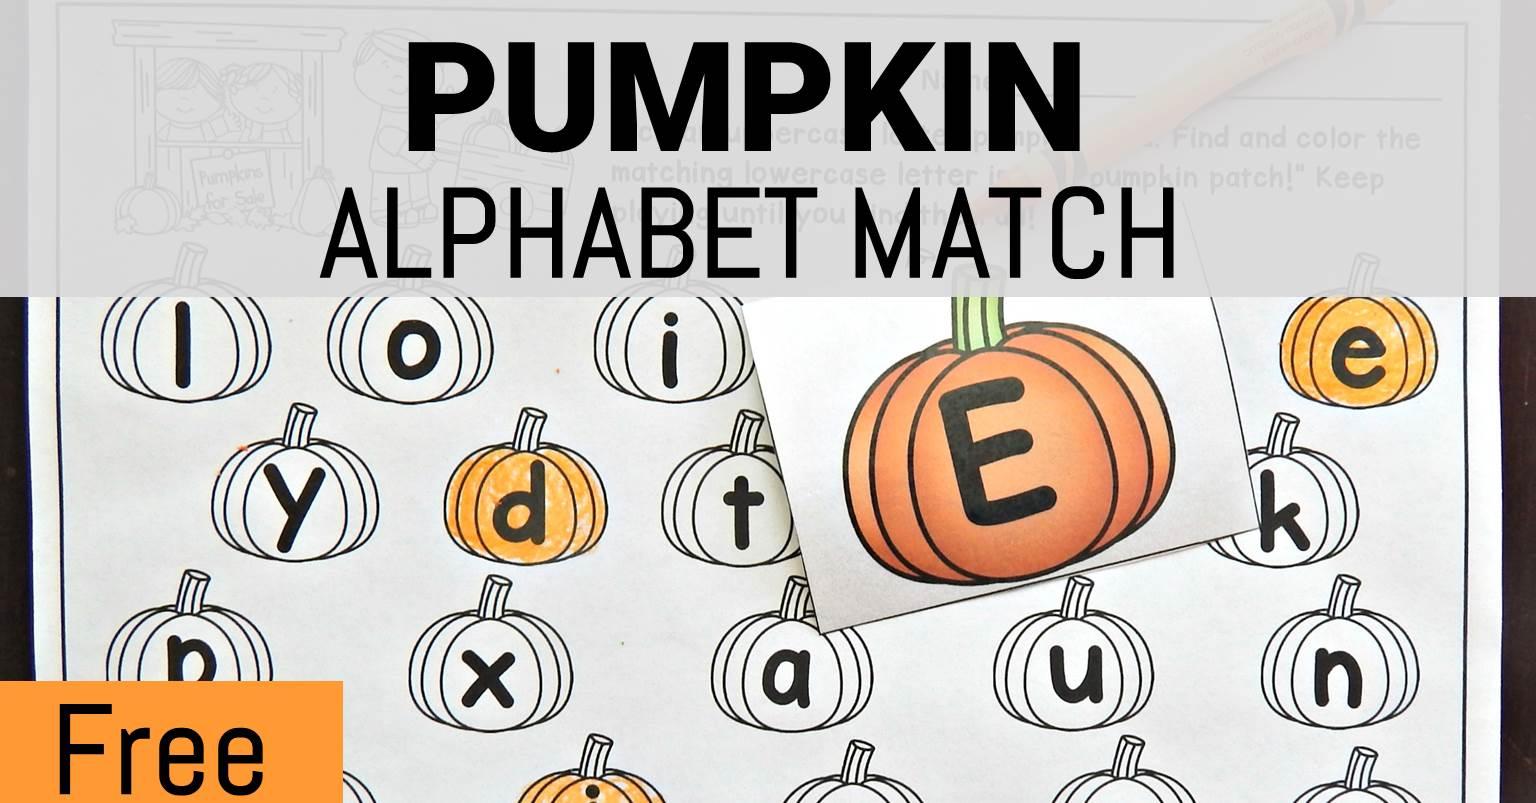 Pumpkin Alphabet Match